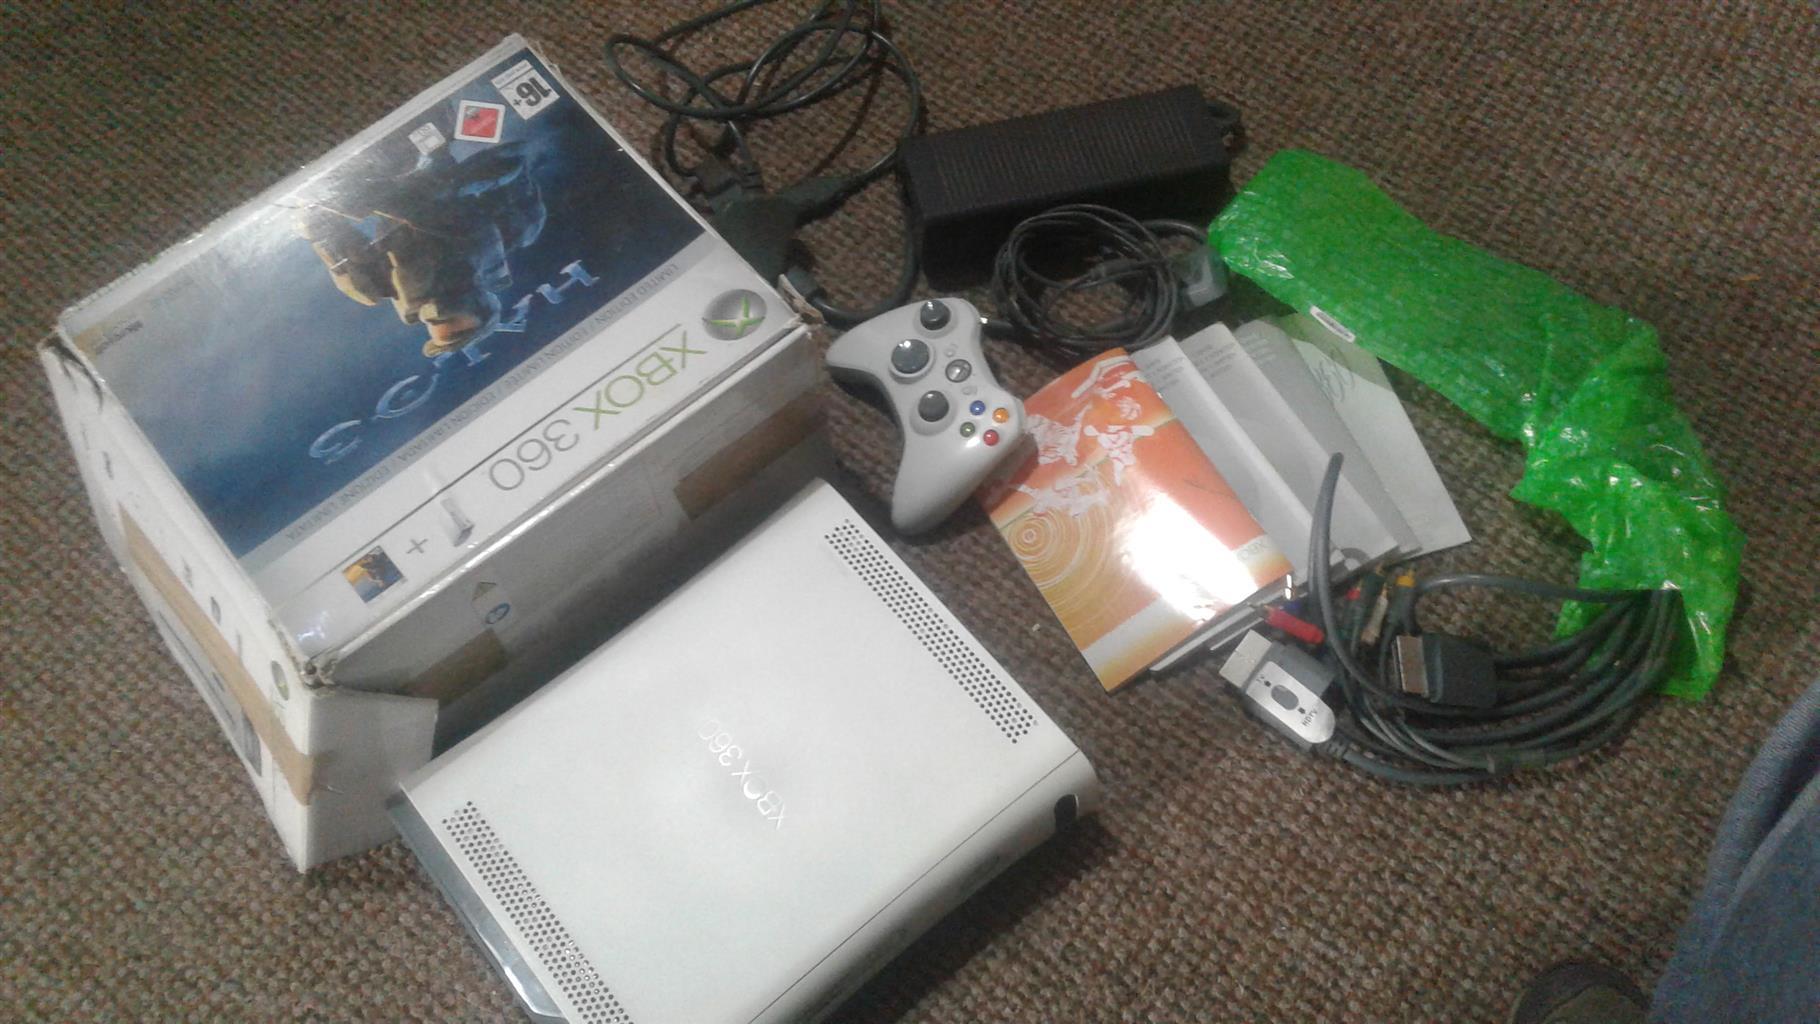 Xbox 360 swop